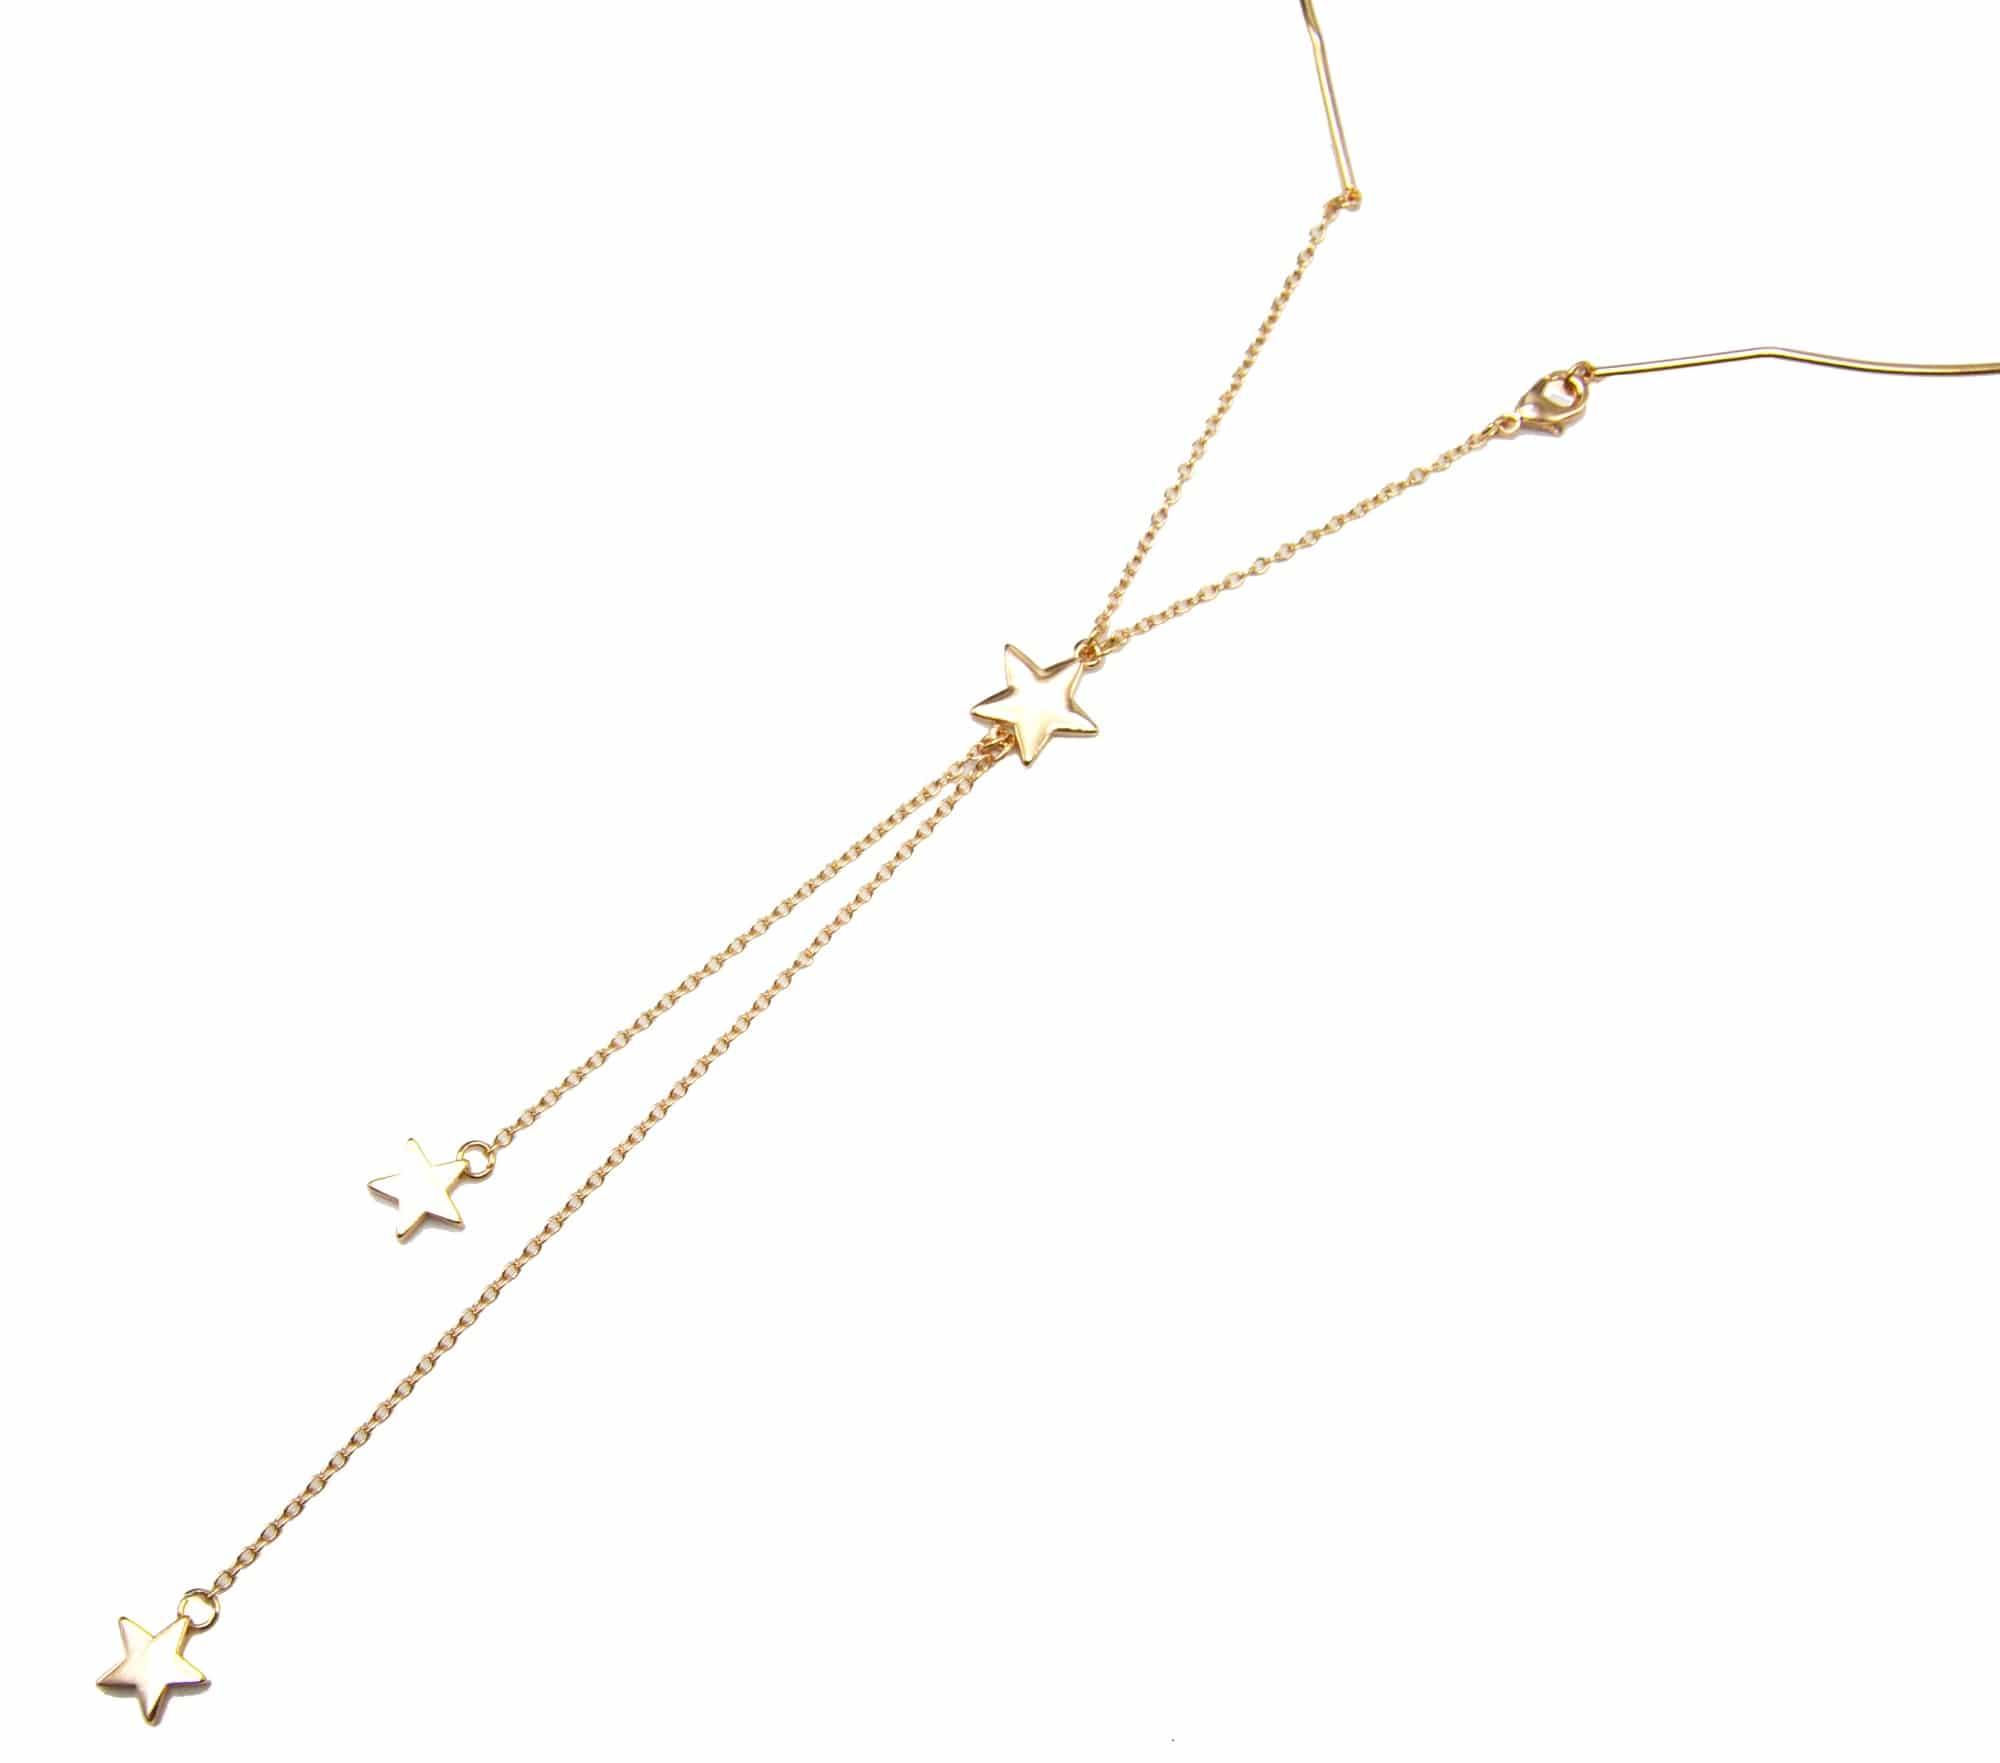 collier ras de cou avec chaine